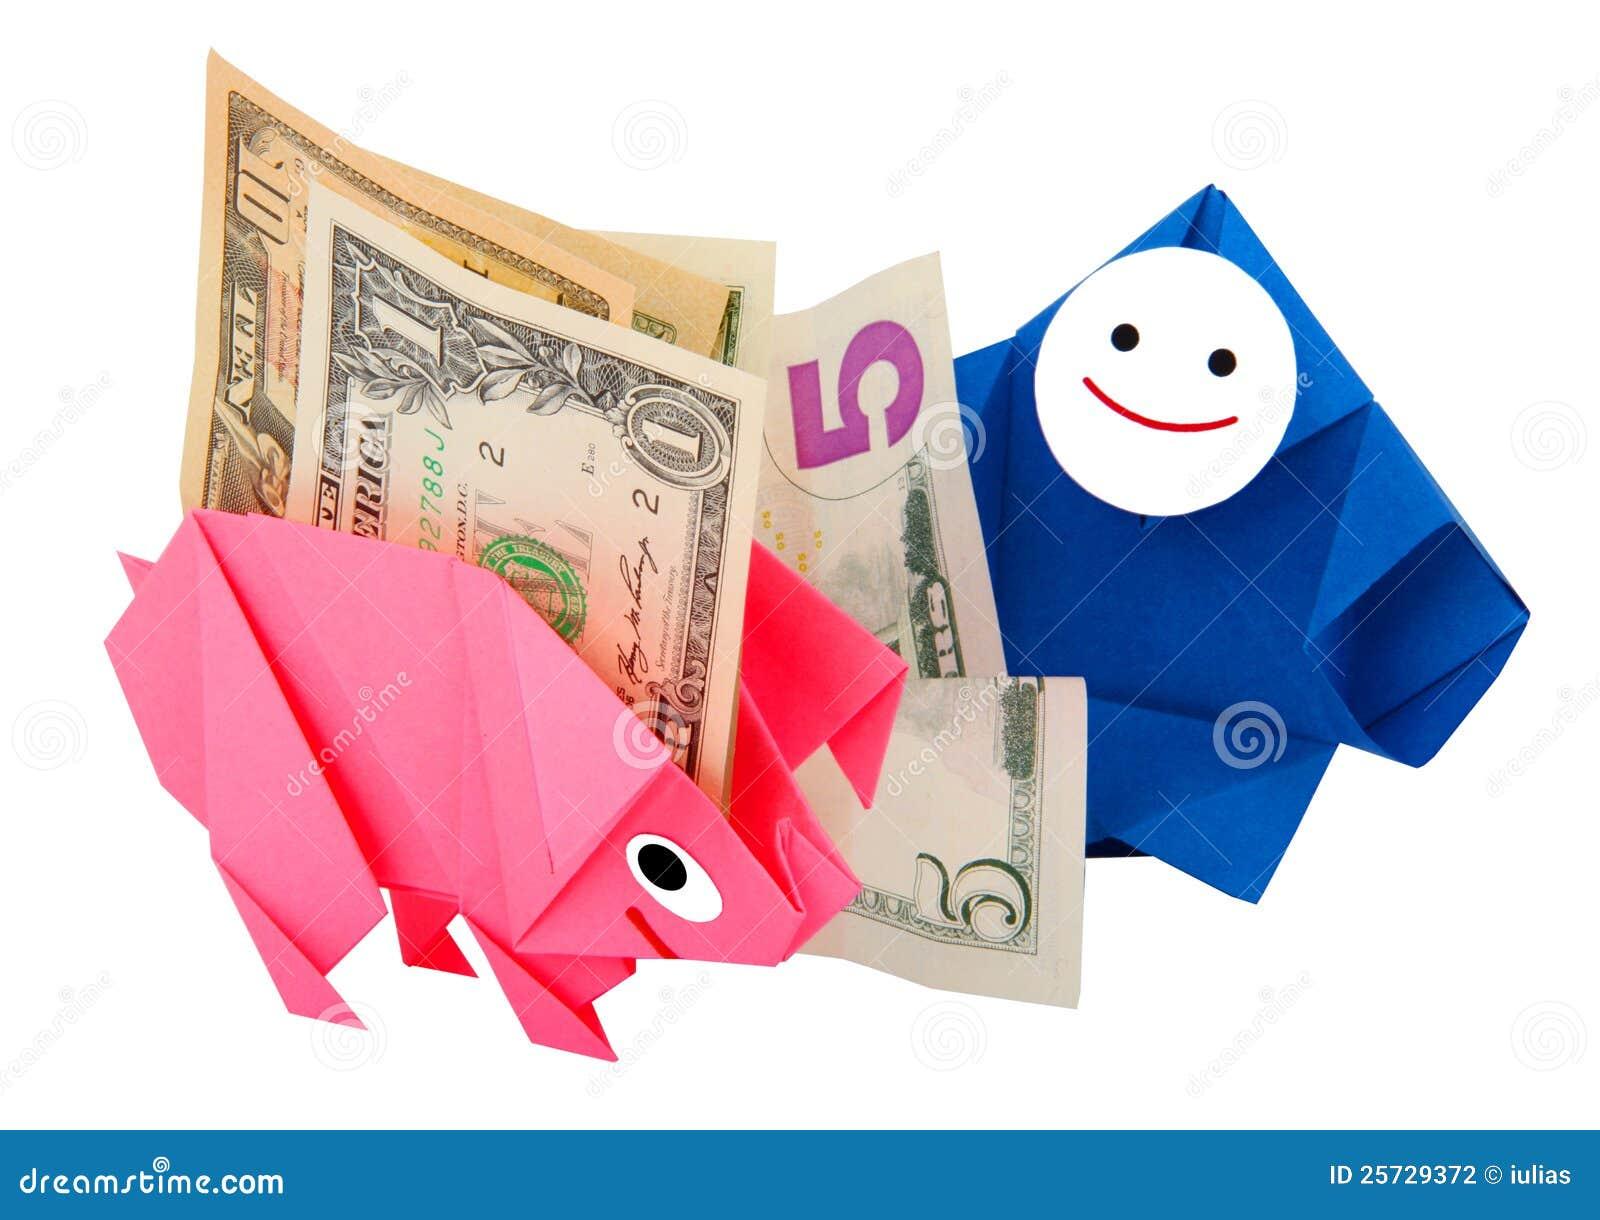 Money, earnings, and economy metaphor